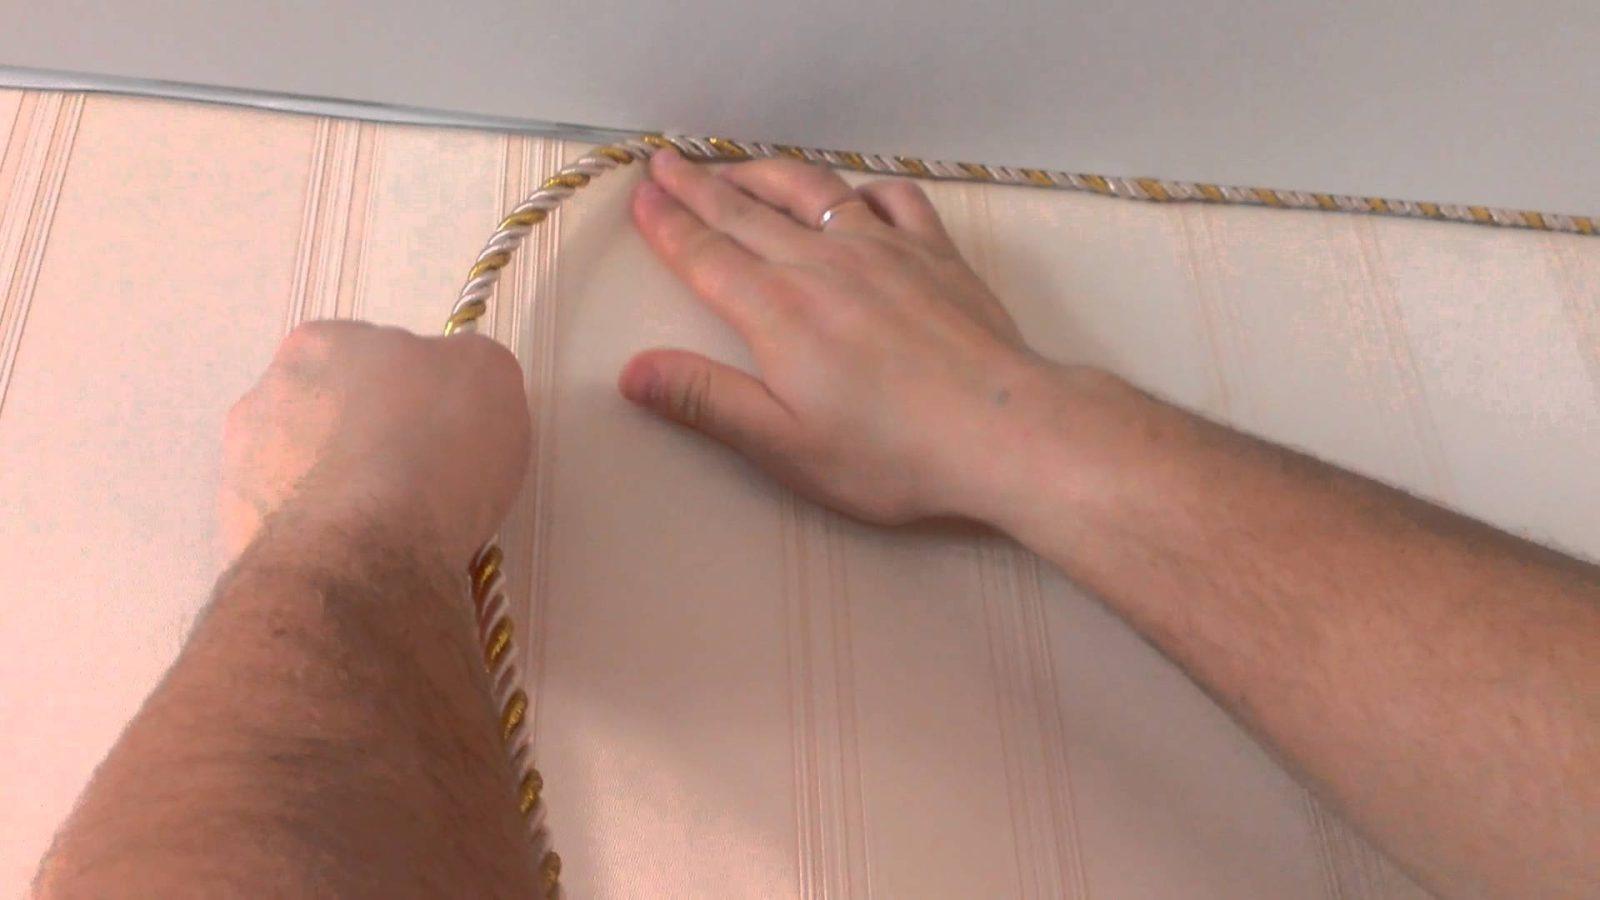 взять отделка швов при натяжном потолке в картинках уход вязаными